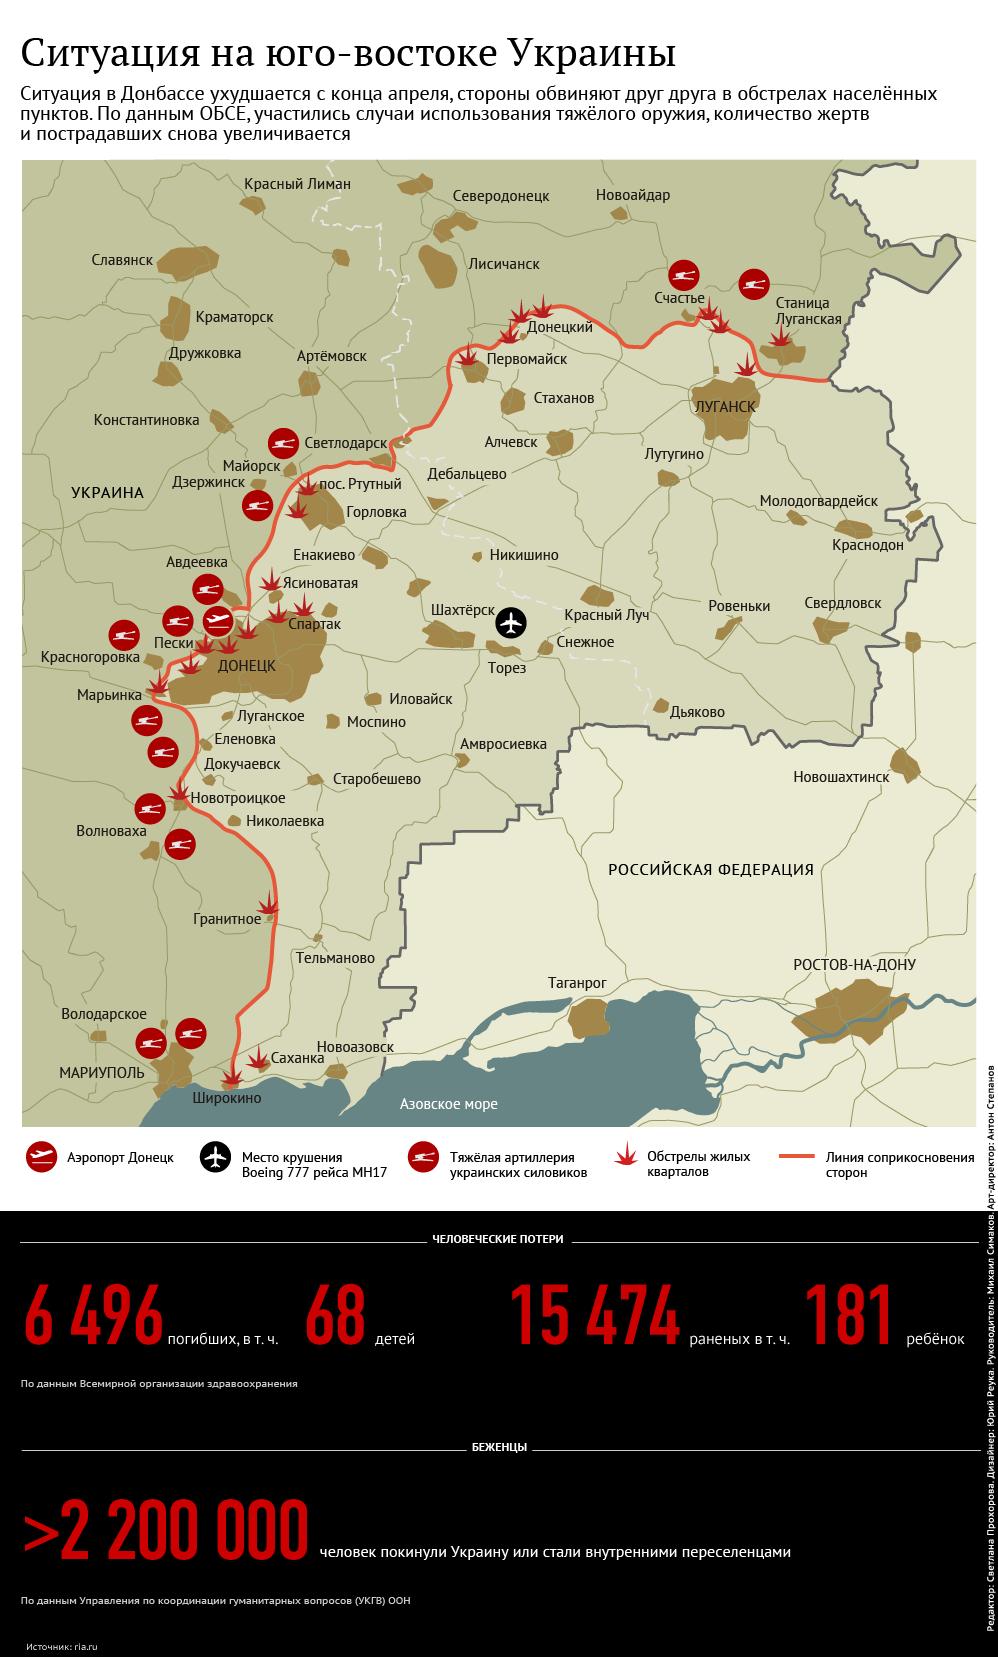 Киевская Хунта не давала карателям приказ отводить вооружения